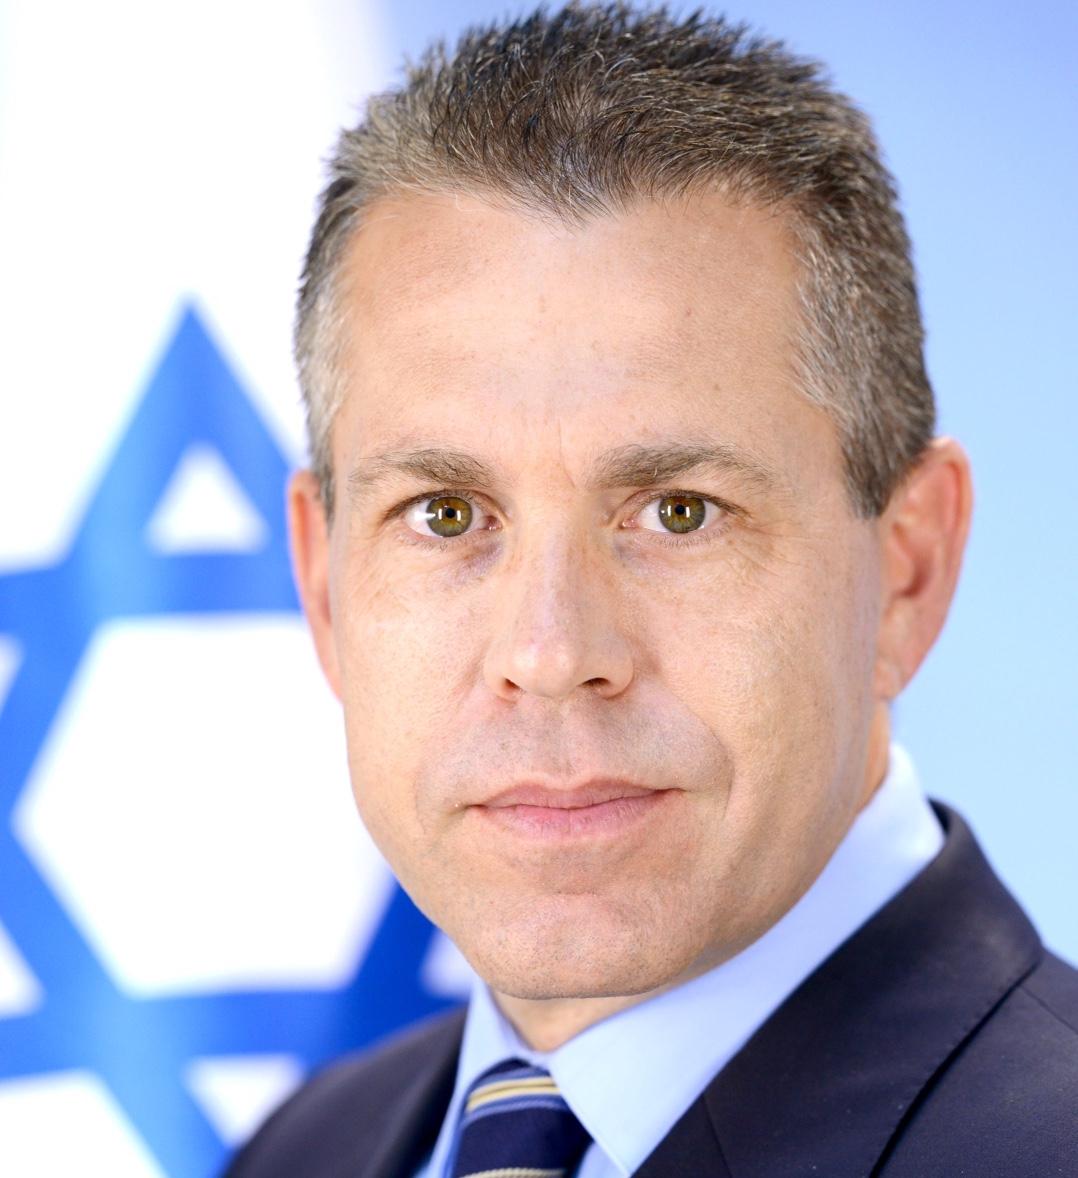 Gilad_Erdan_Knnesset_member